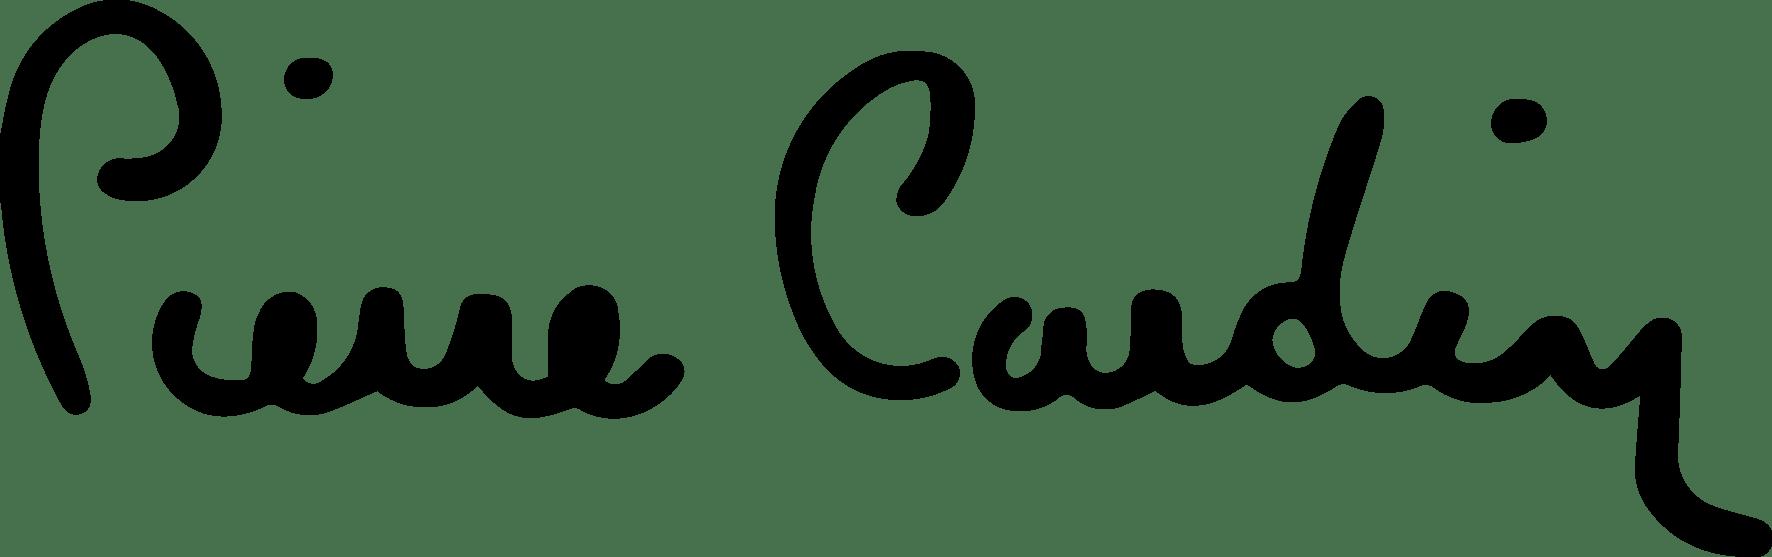 Pierre Cardin Logo Pierrecardin Com Tr Vector Icon